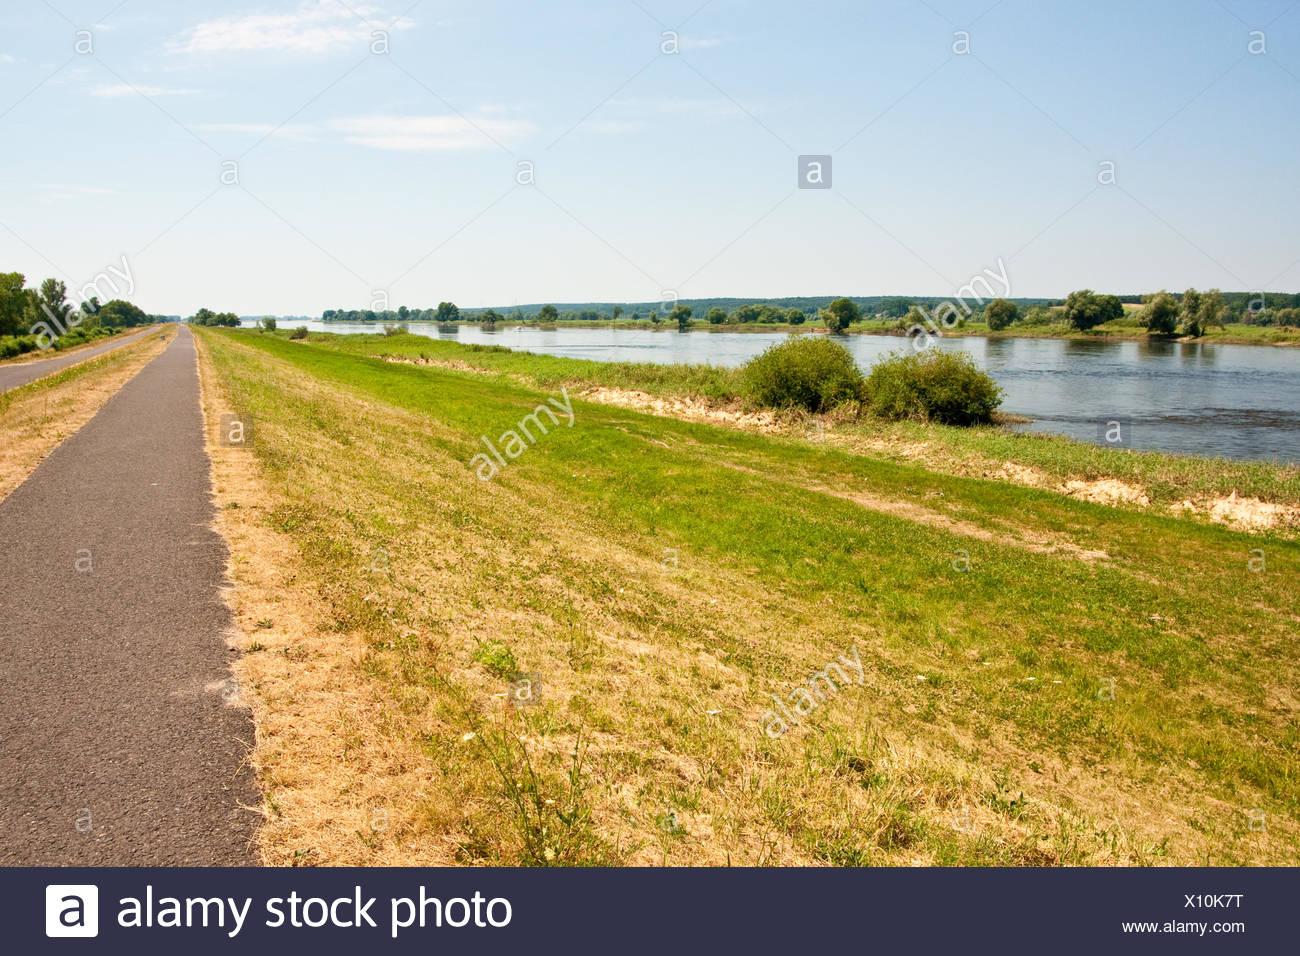 Der Fluss Oder, River Oder - Stock Image